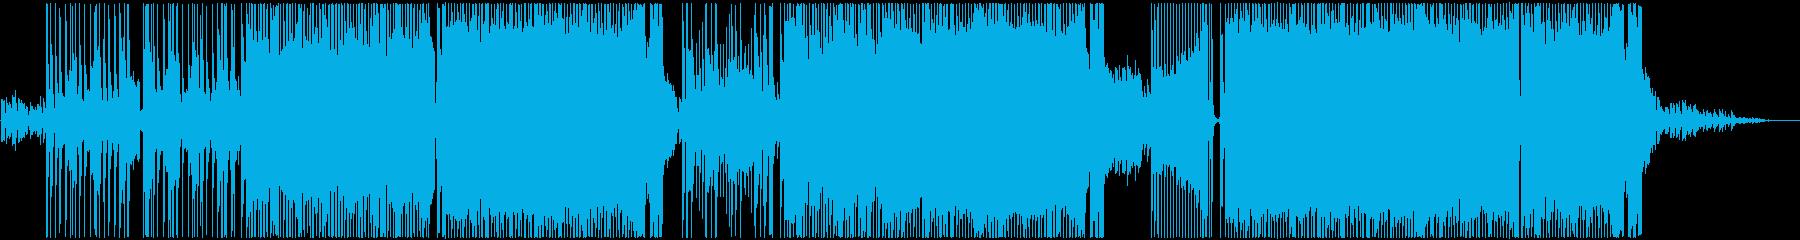 明るく元気なポップロックの再生済みの波形